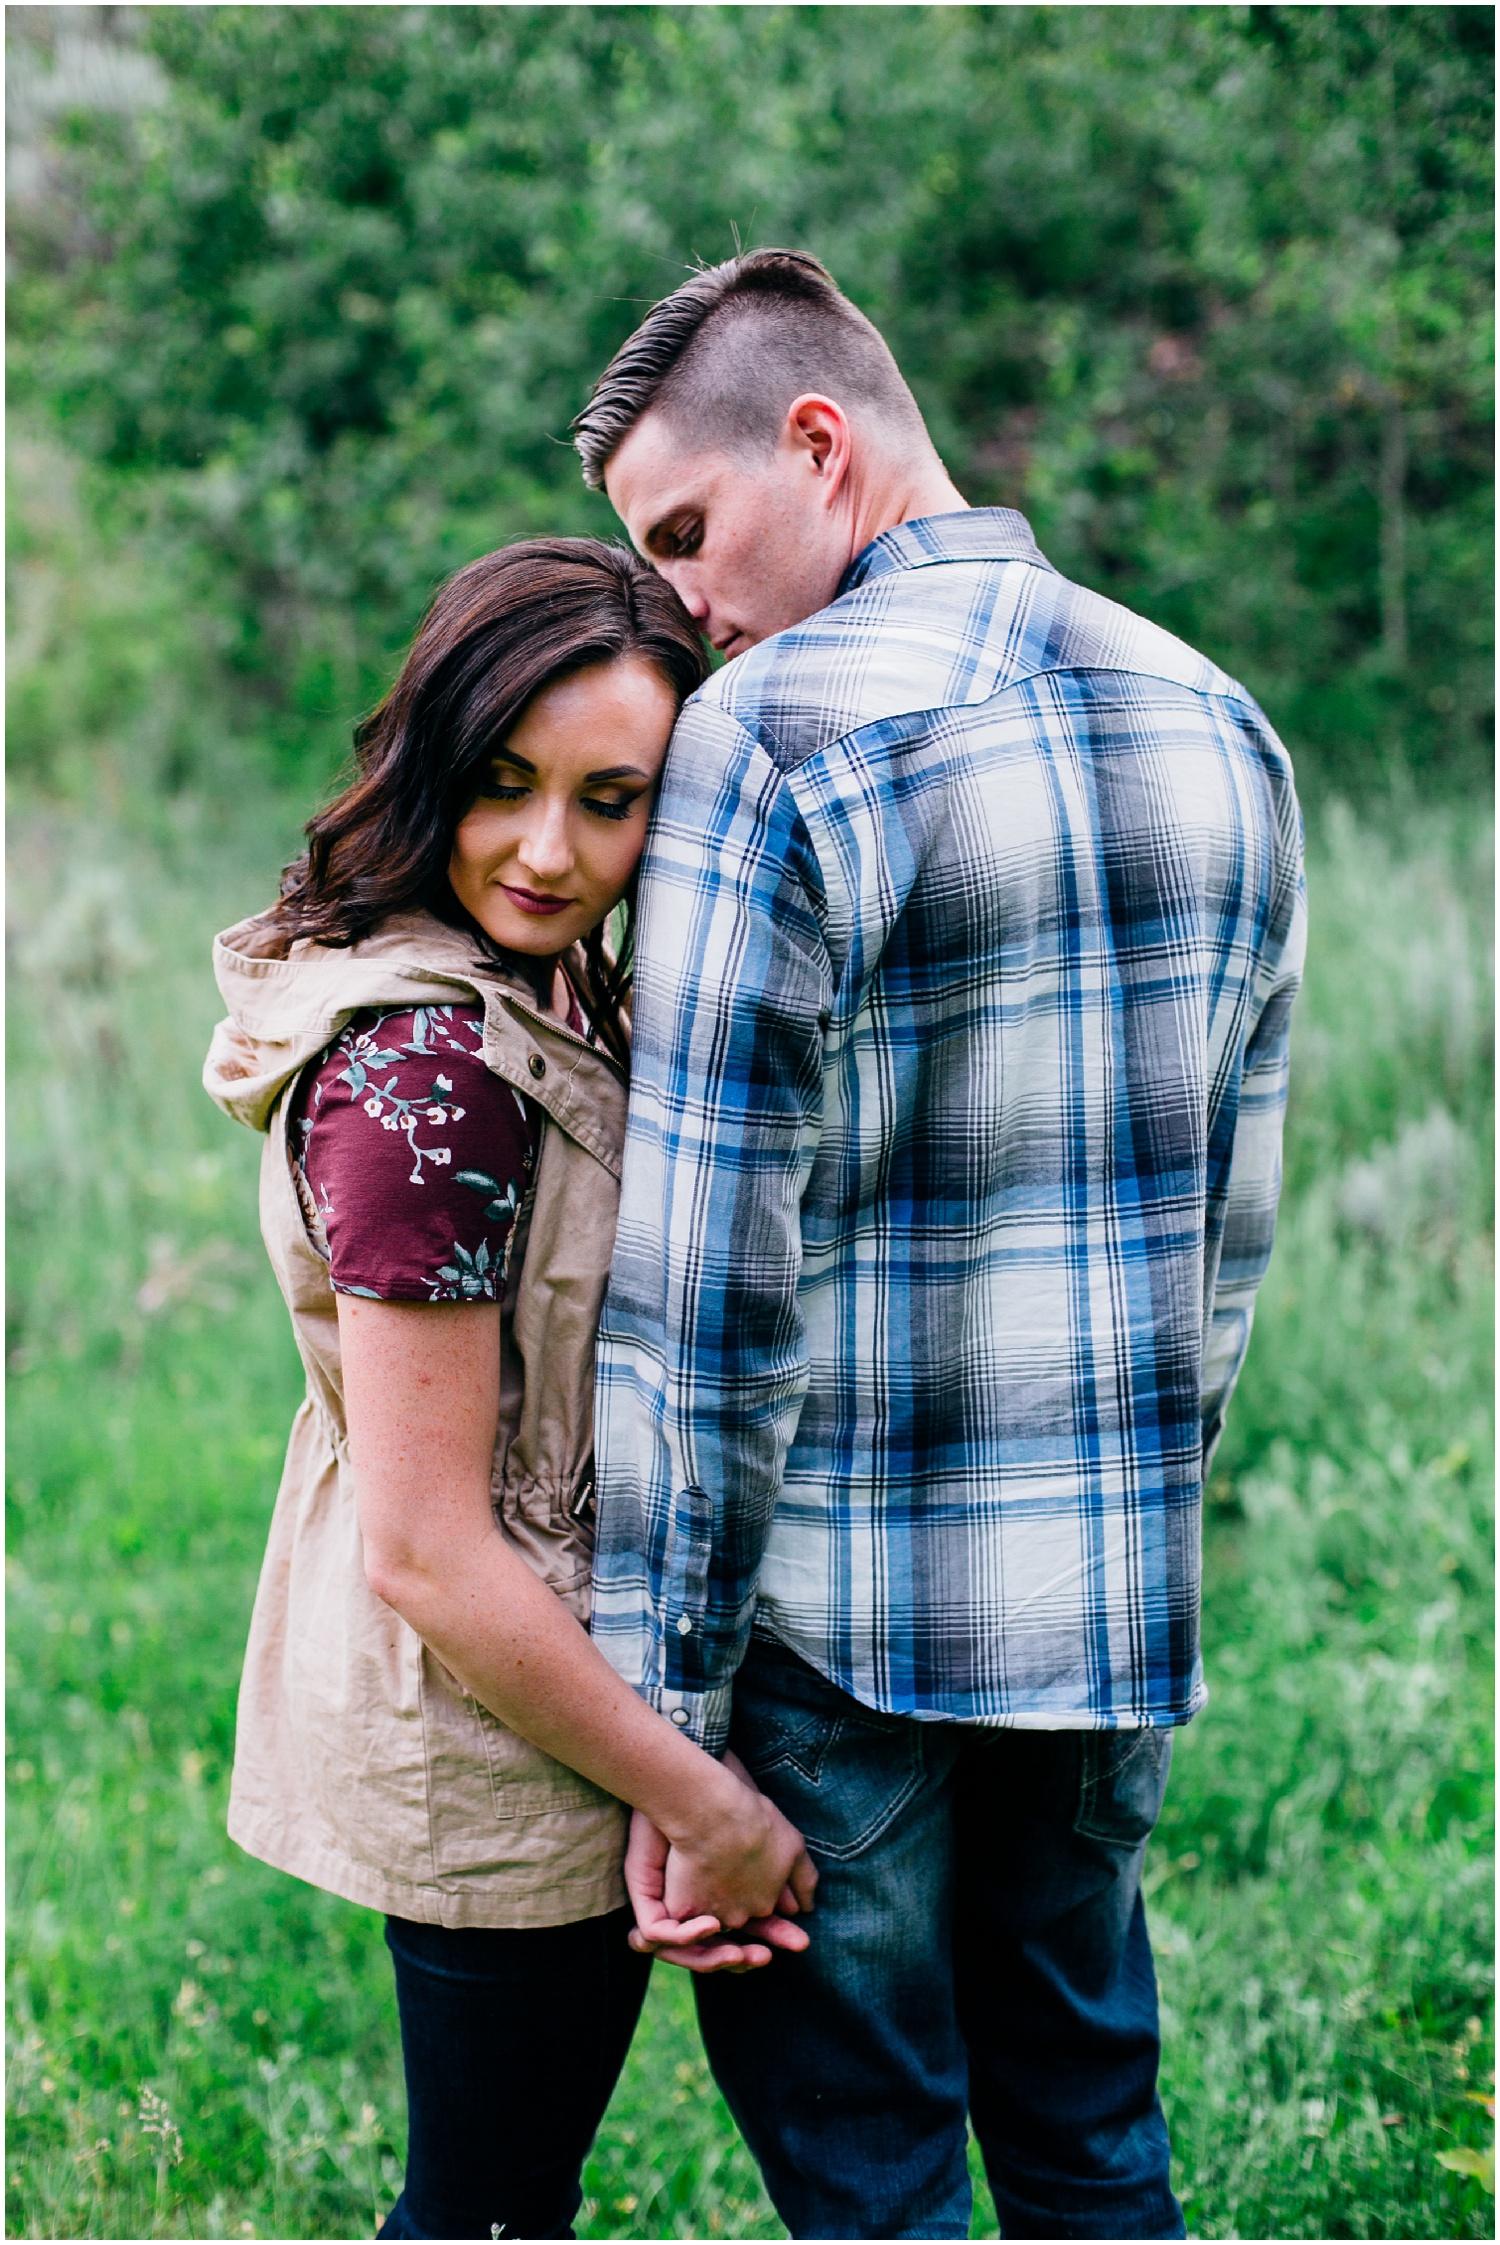 kelly-canyon-engagements-idaho-colorado-wyoming-wedding-photographer_0775.jpg